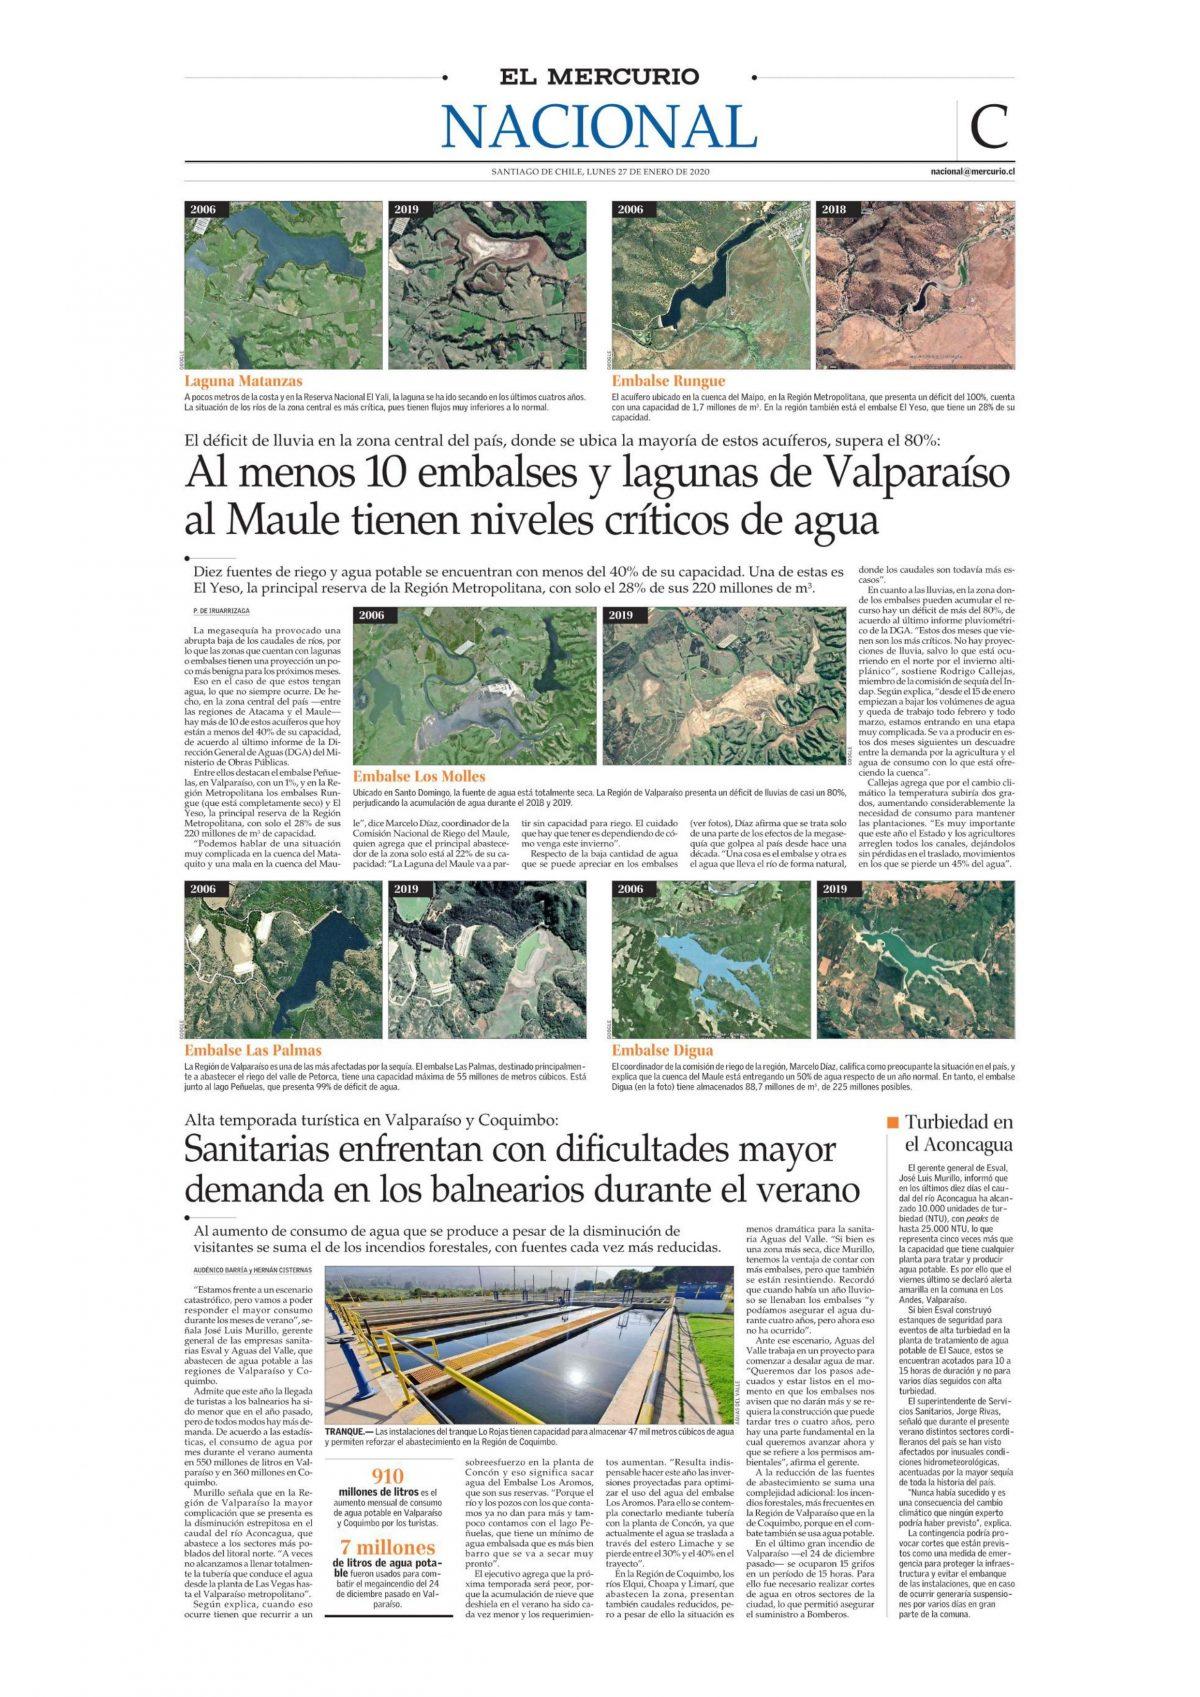 Al menos 10 embalses y lagunas de Valparaíso al Maule tienen niveles críticos de agua